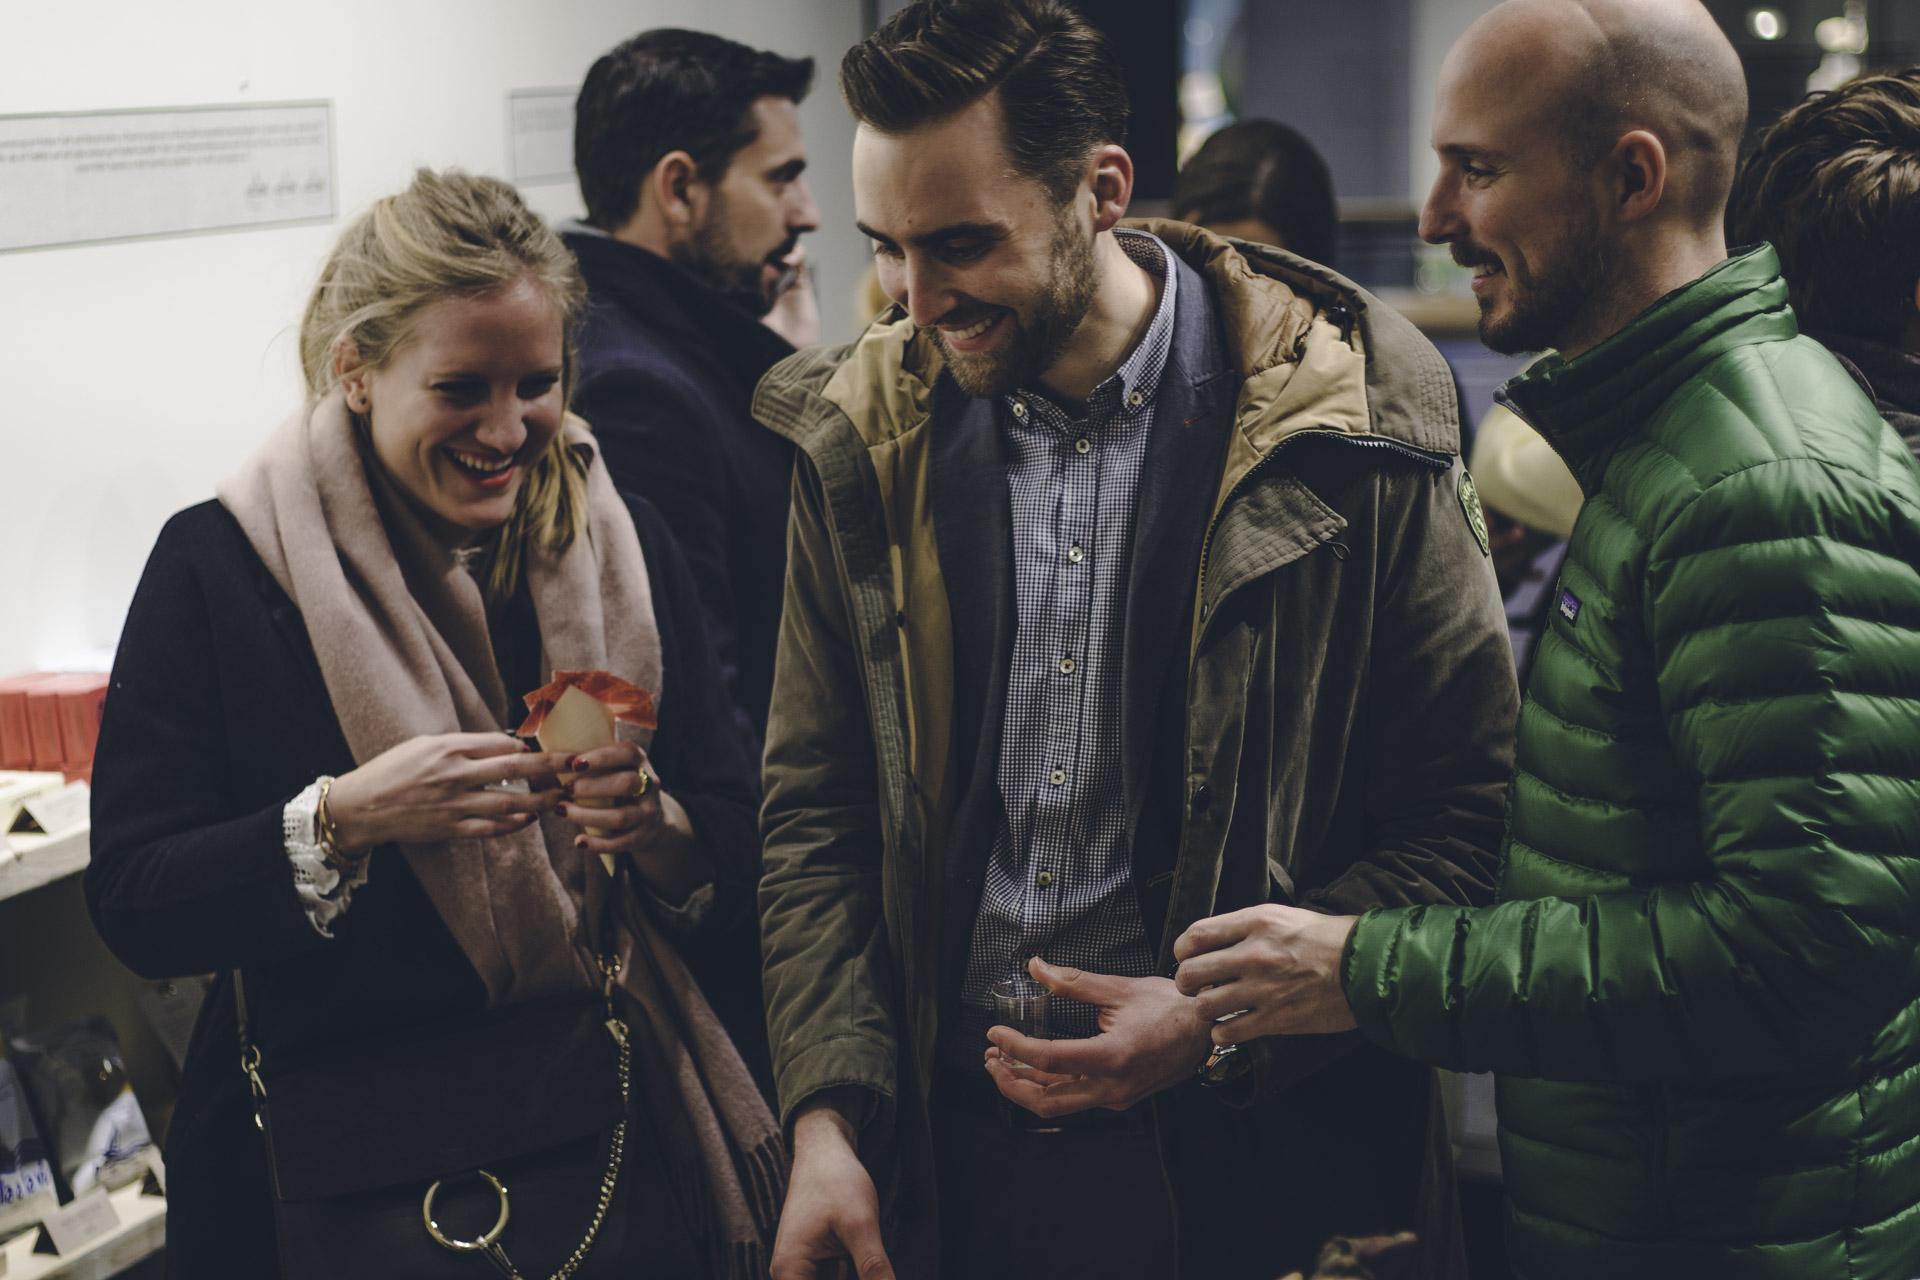 Eventfoto von einer Gruppe Menschen bei einer Party